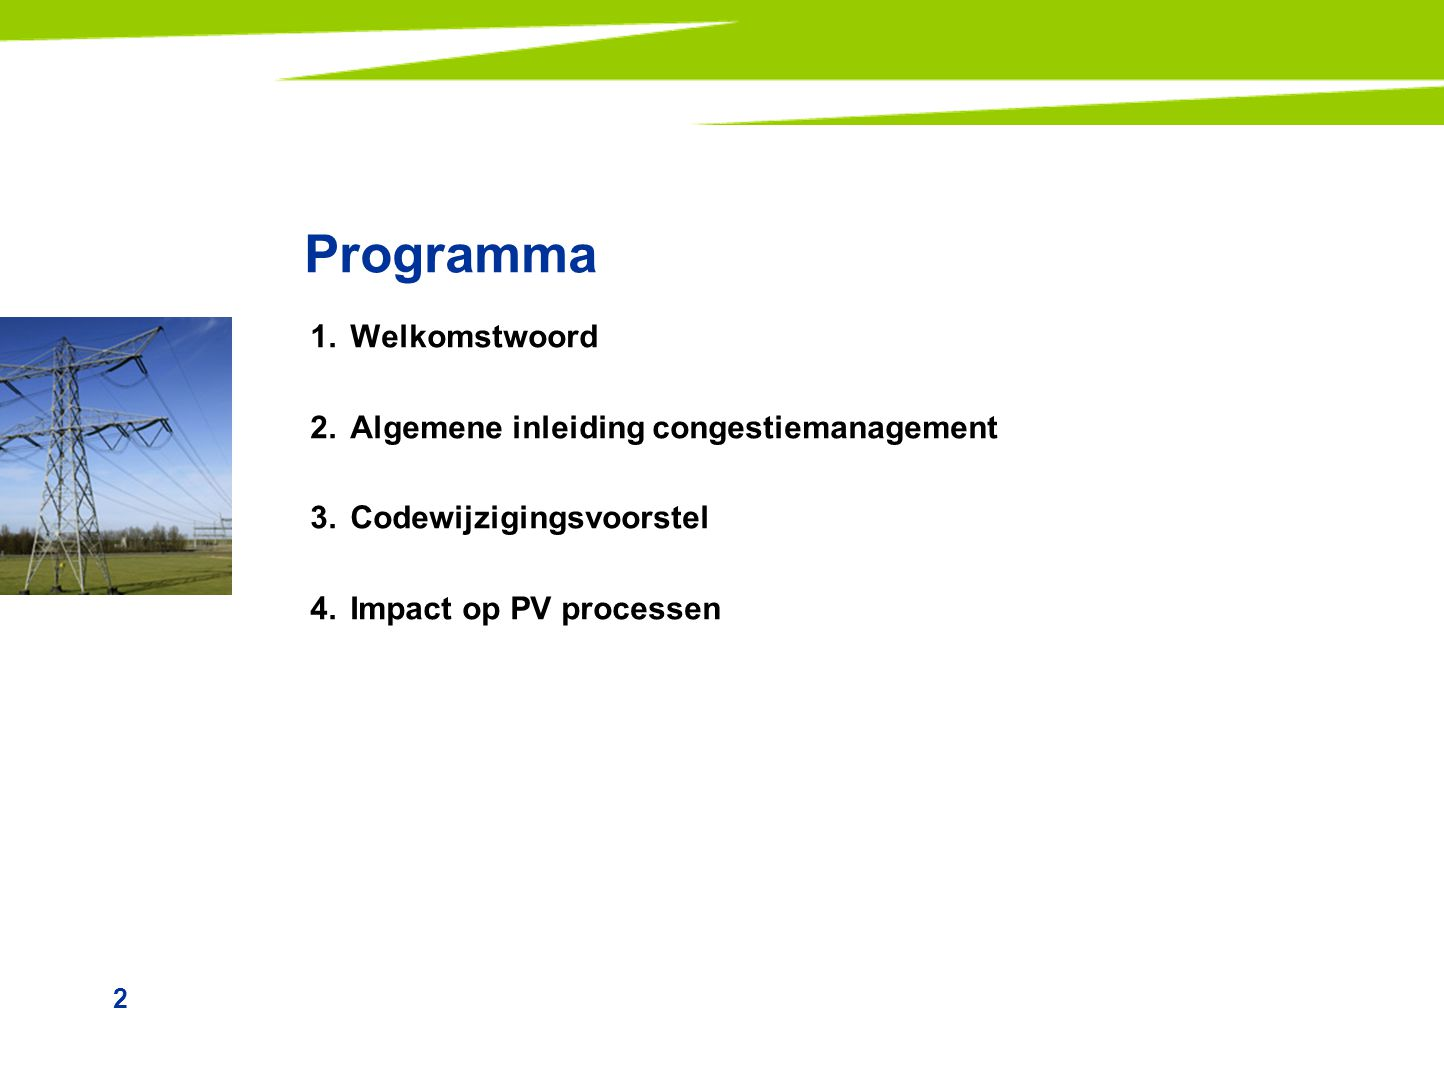 2 Programma 1.Welkomstwoord 2.Algemene inleiding congestiemanagement 3.Codewijzigingsvoorstel 4.Impact op PV processen